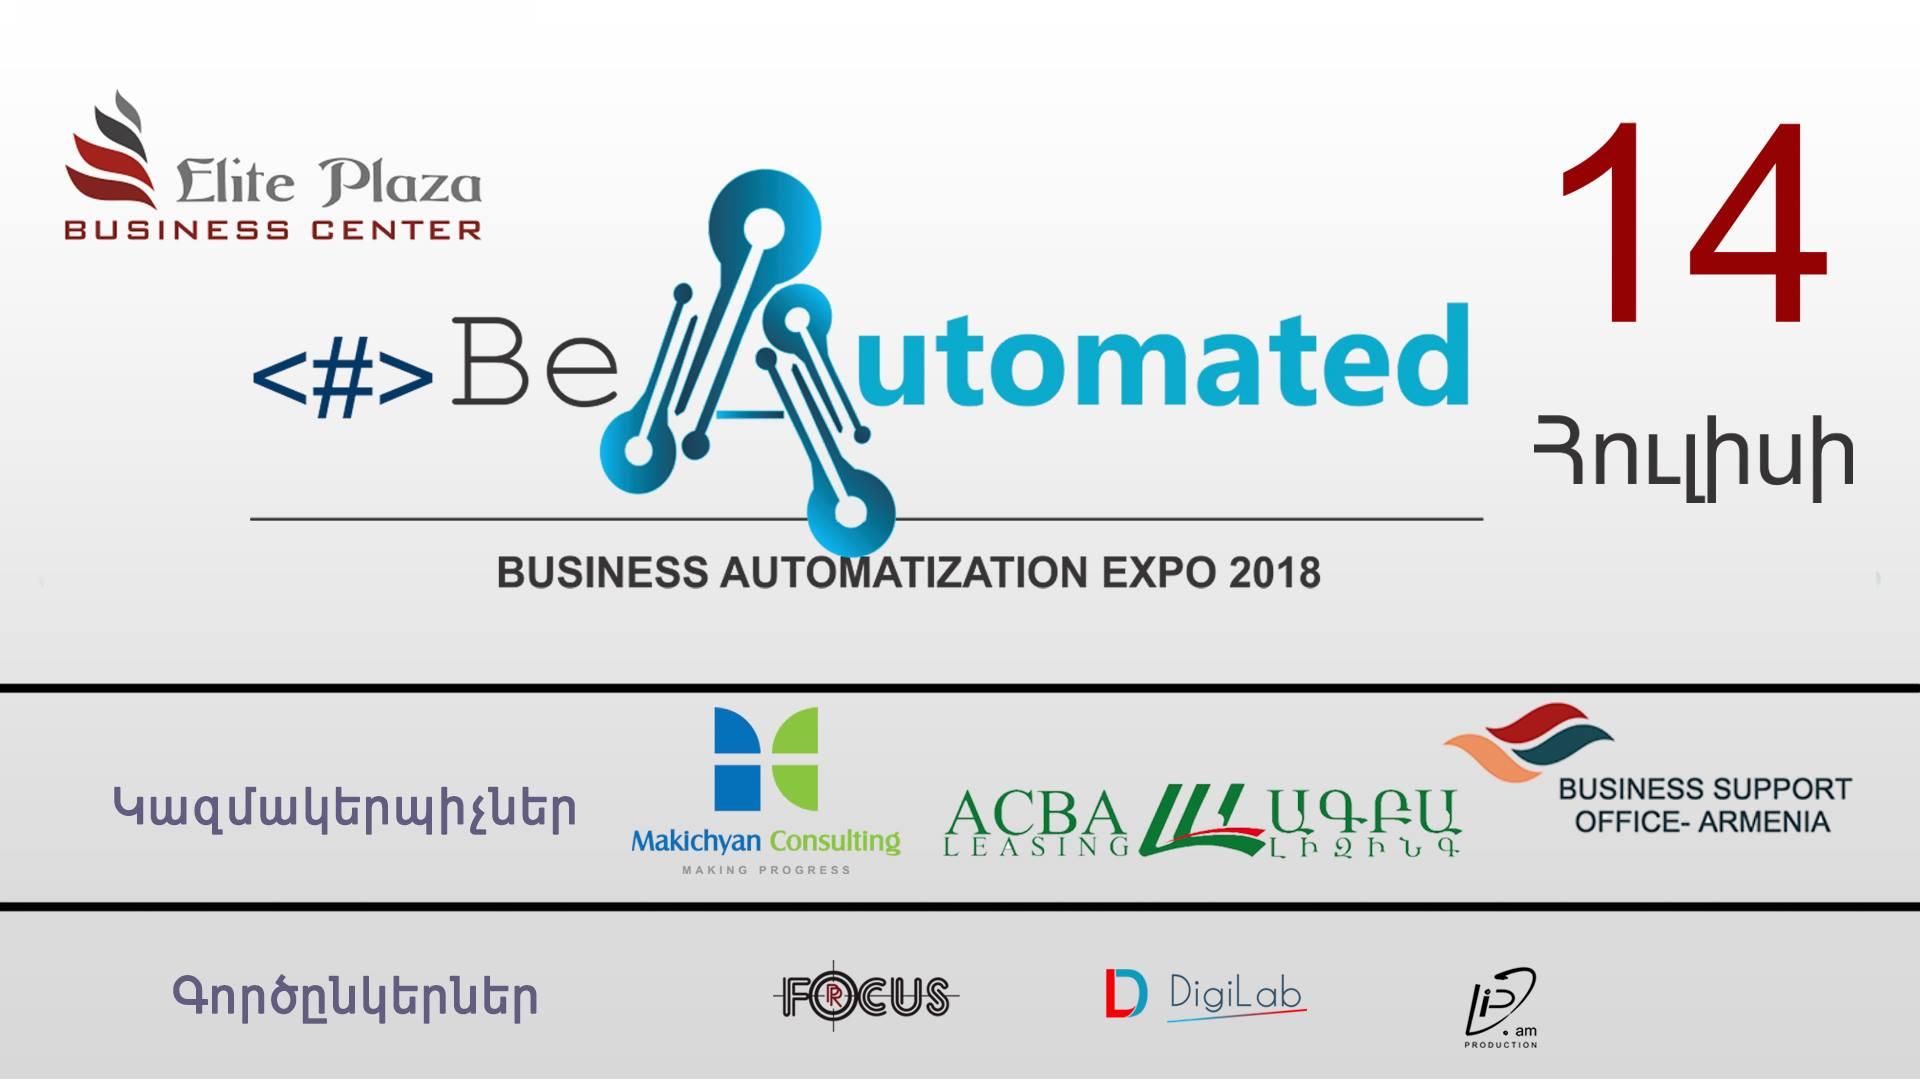 Երևանում կկայանա «BeAutomated 2018․ Business Automatization Expo 2018» խորագրով առաջին ցուցահանդեսը